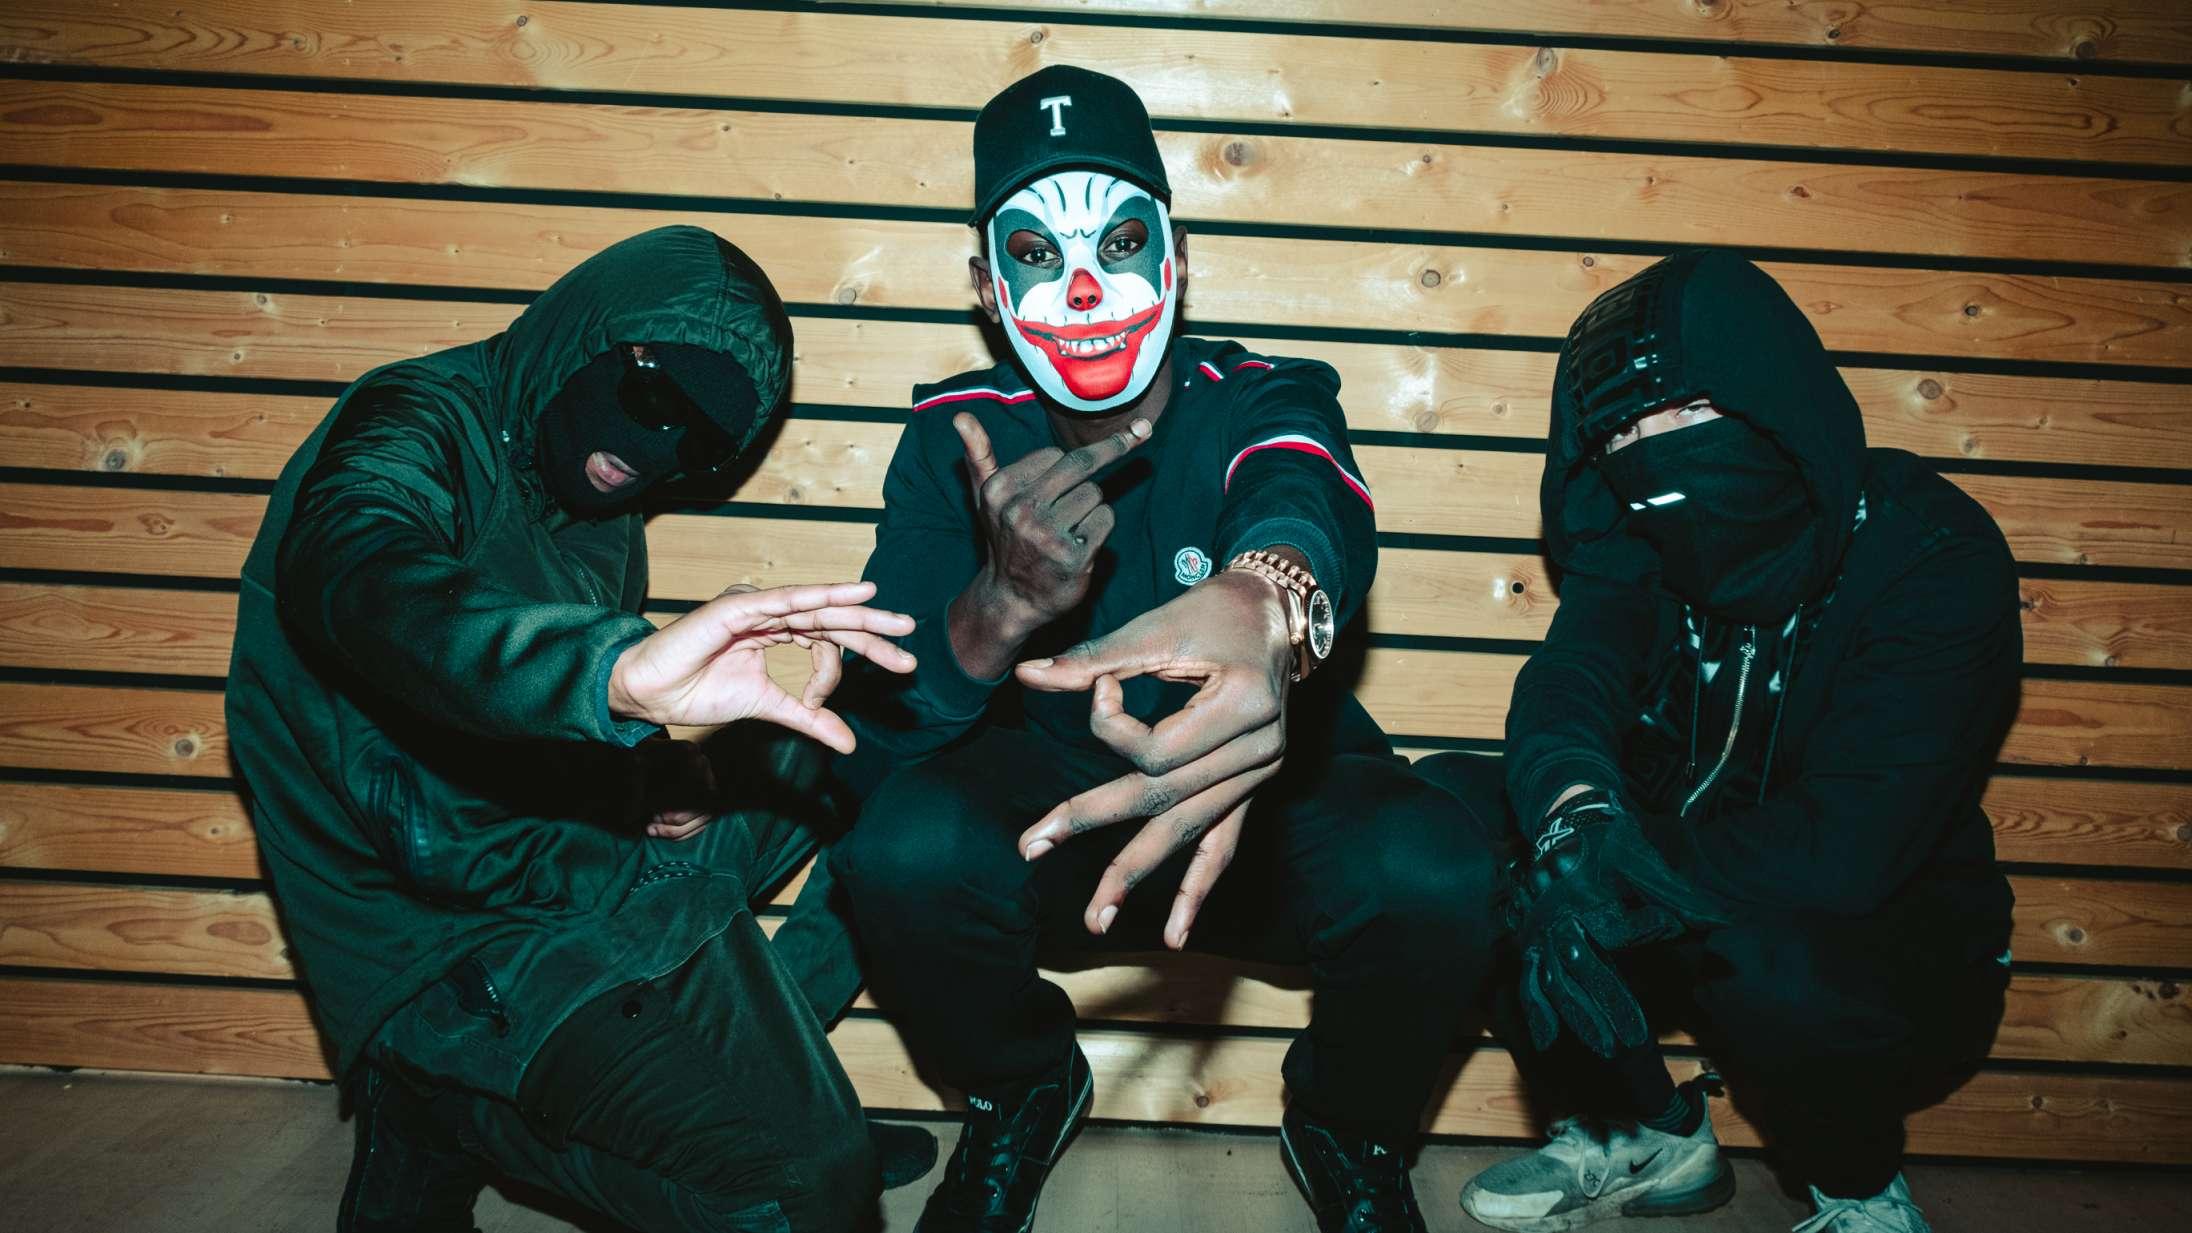 Shooter Gang om seks sange, der har inspireret dem: »2Pac var den største lyriker, der nogensinde er set«